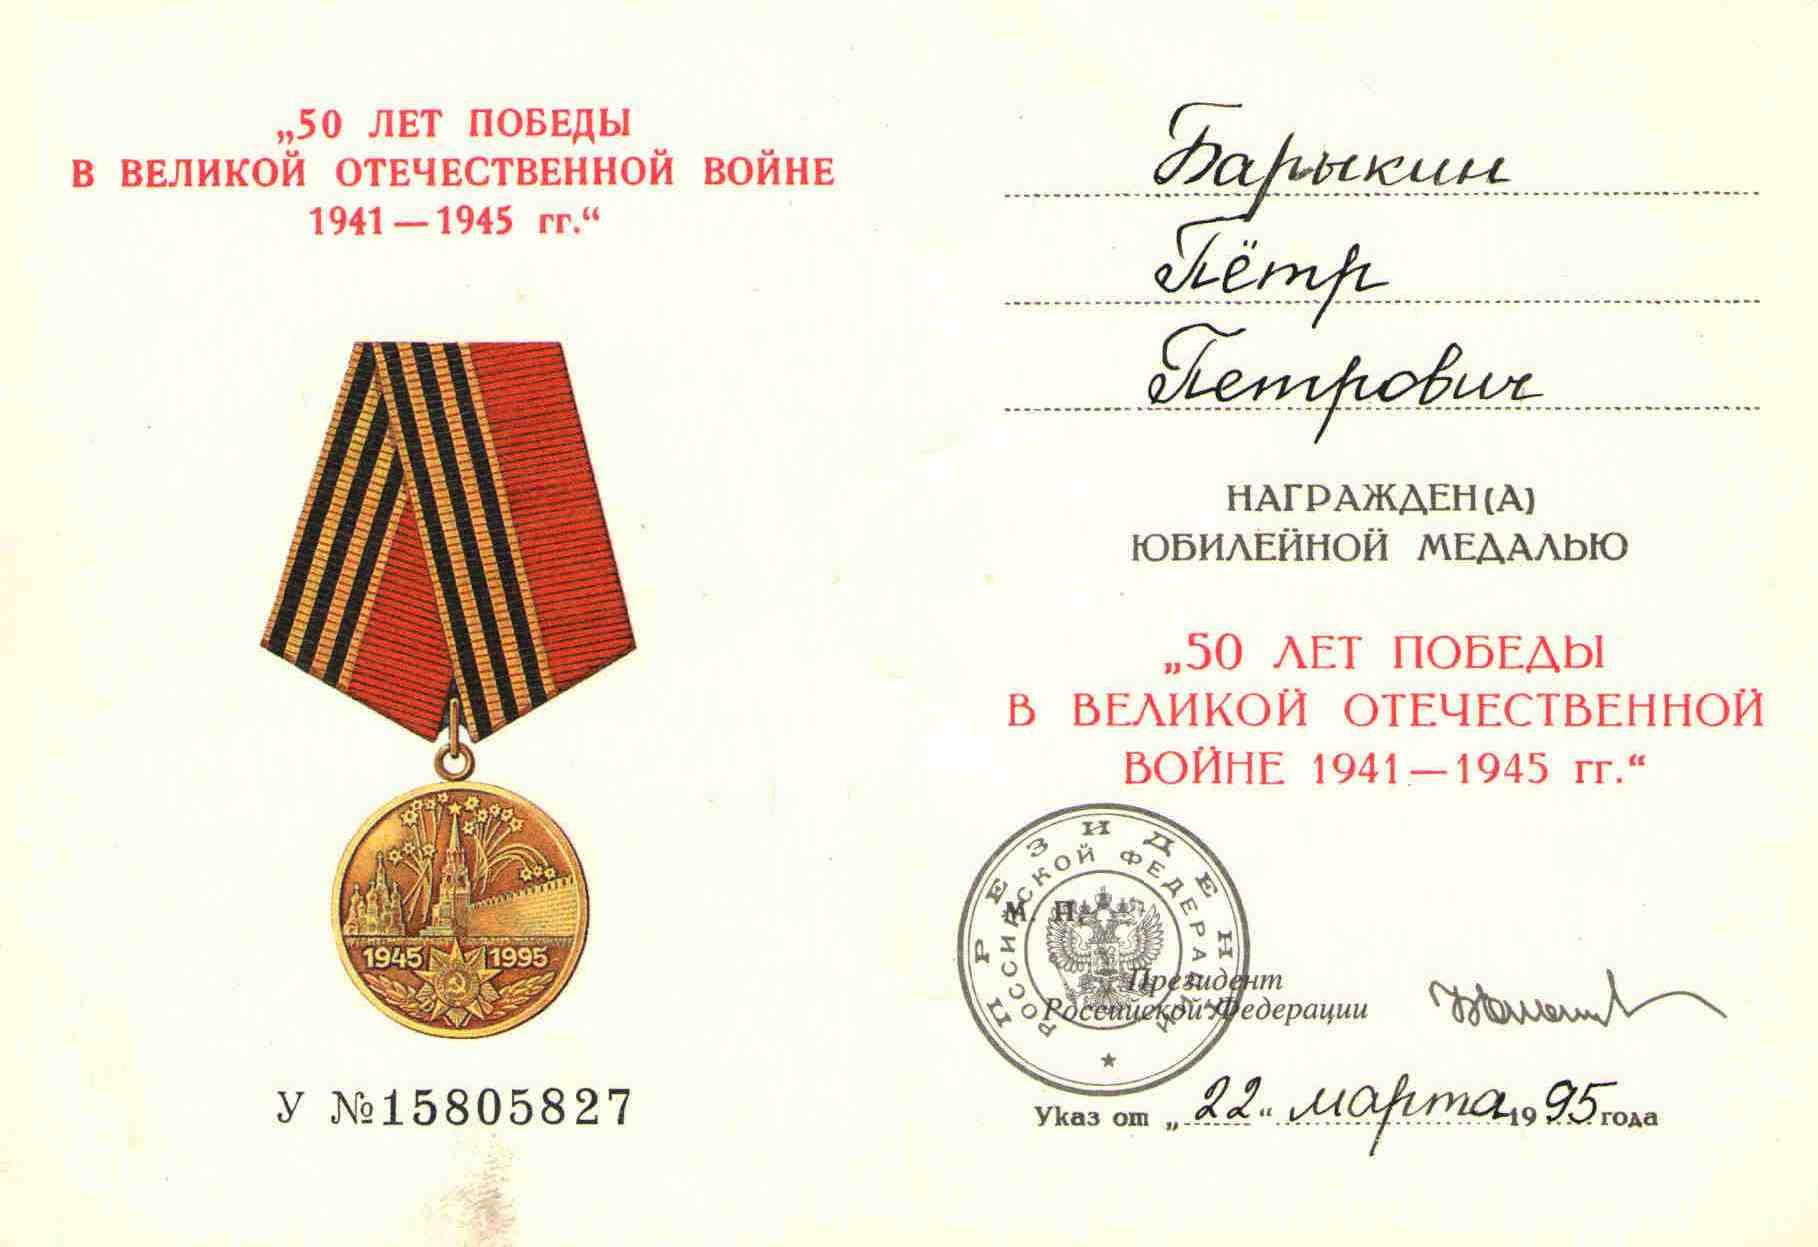 130. Удостоверение к медали 50 лет Победы, Барыкин ПП, 1995